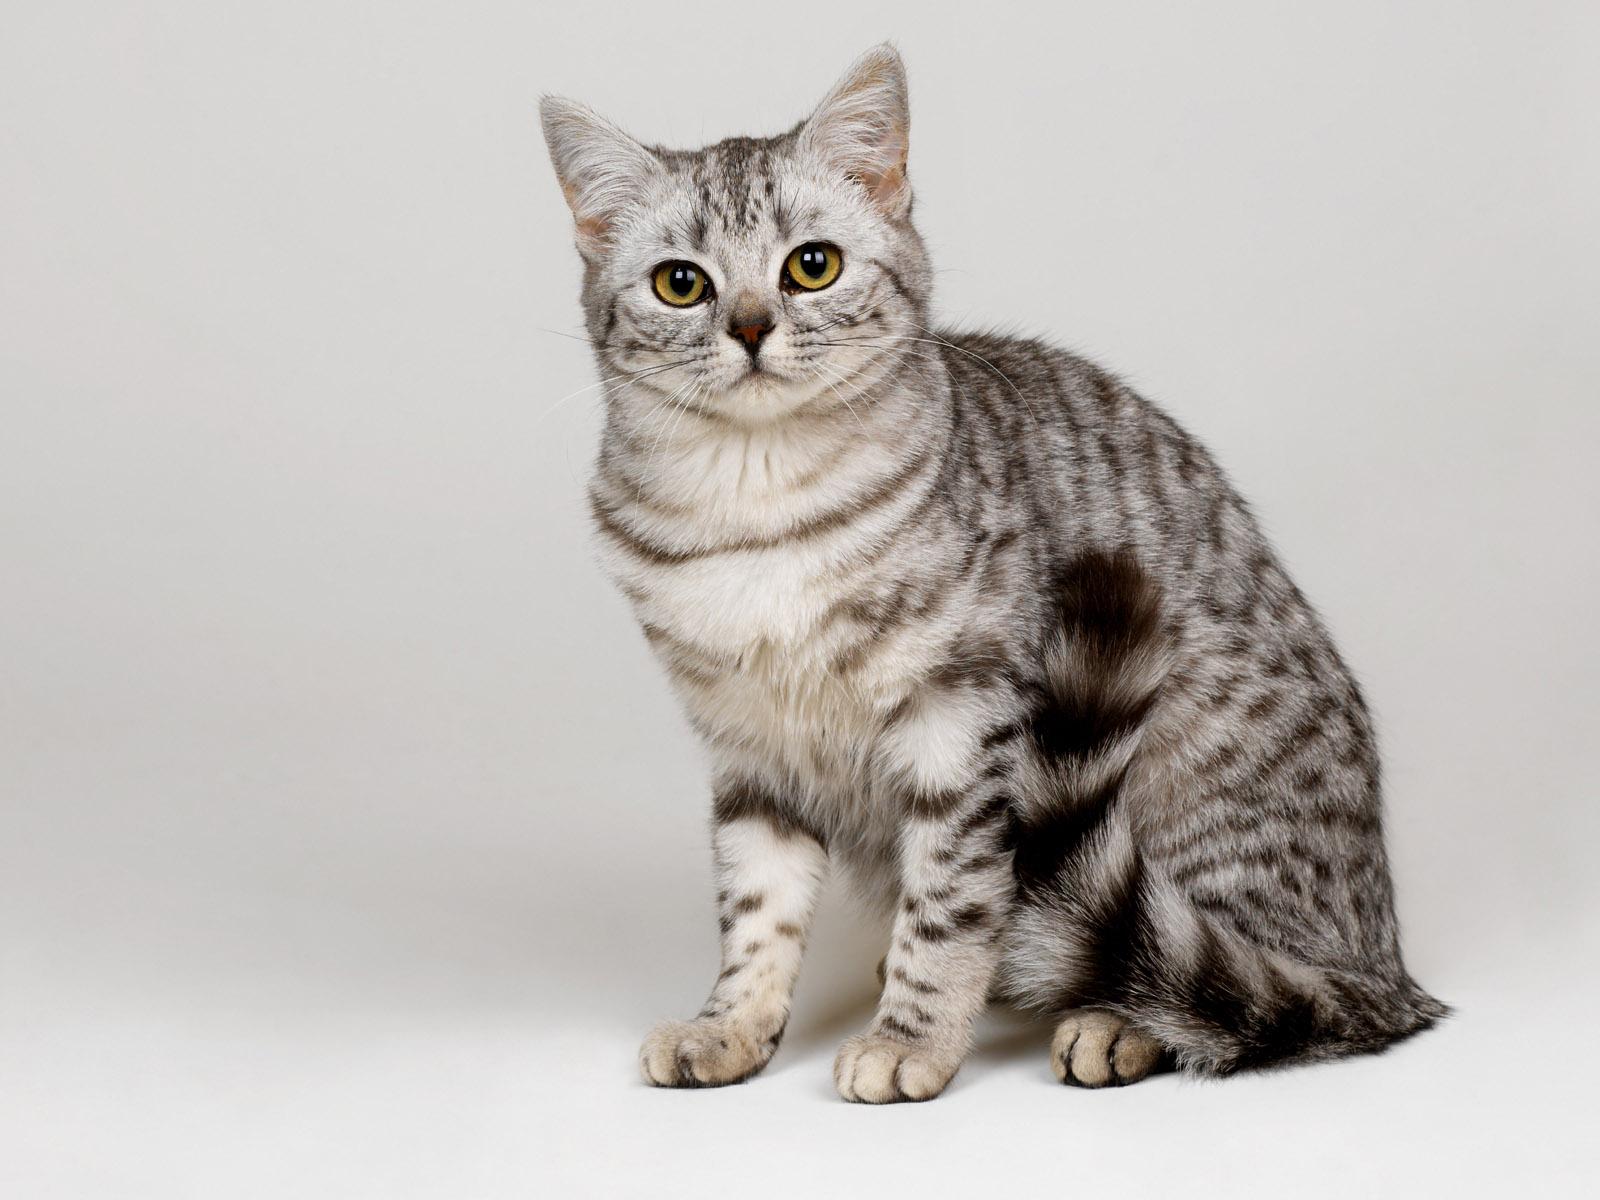 Коты и кошки из балета коты в сапогах - 01da